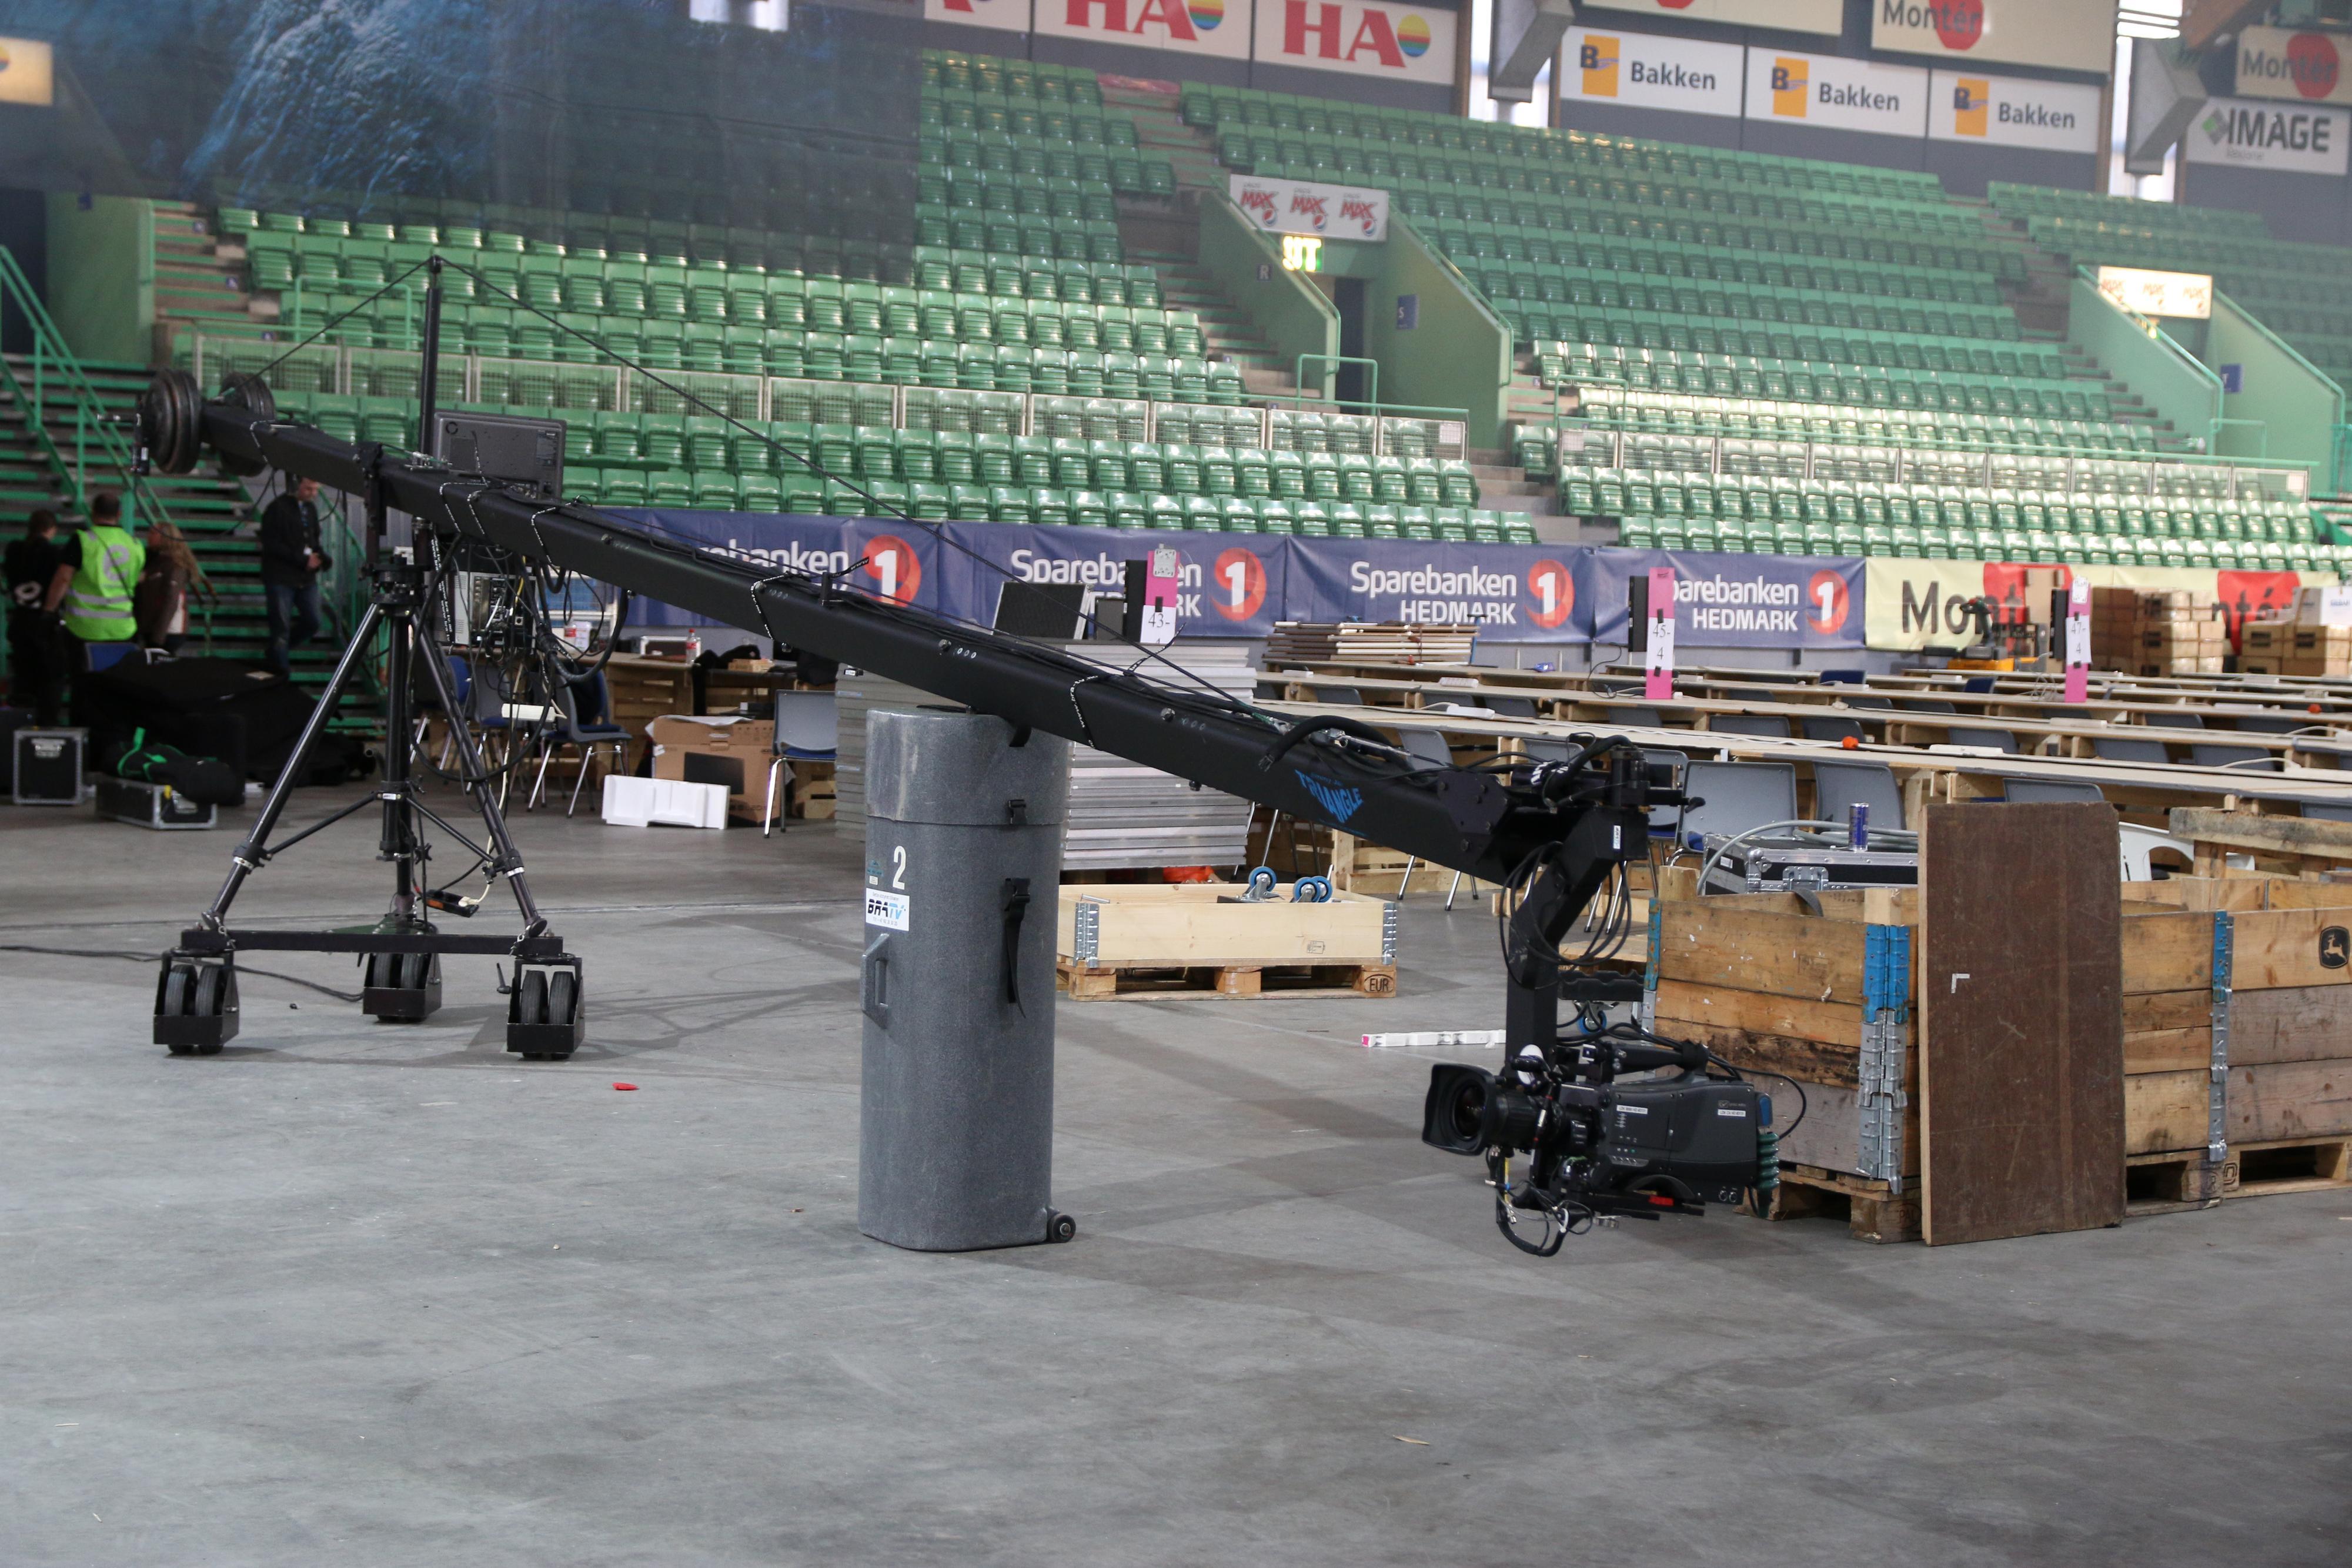 En kran står klar til kveldens første sending. .Foto: Ole Henrik Johansen / Hardware.no